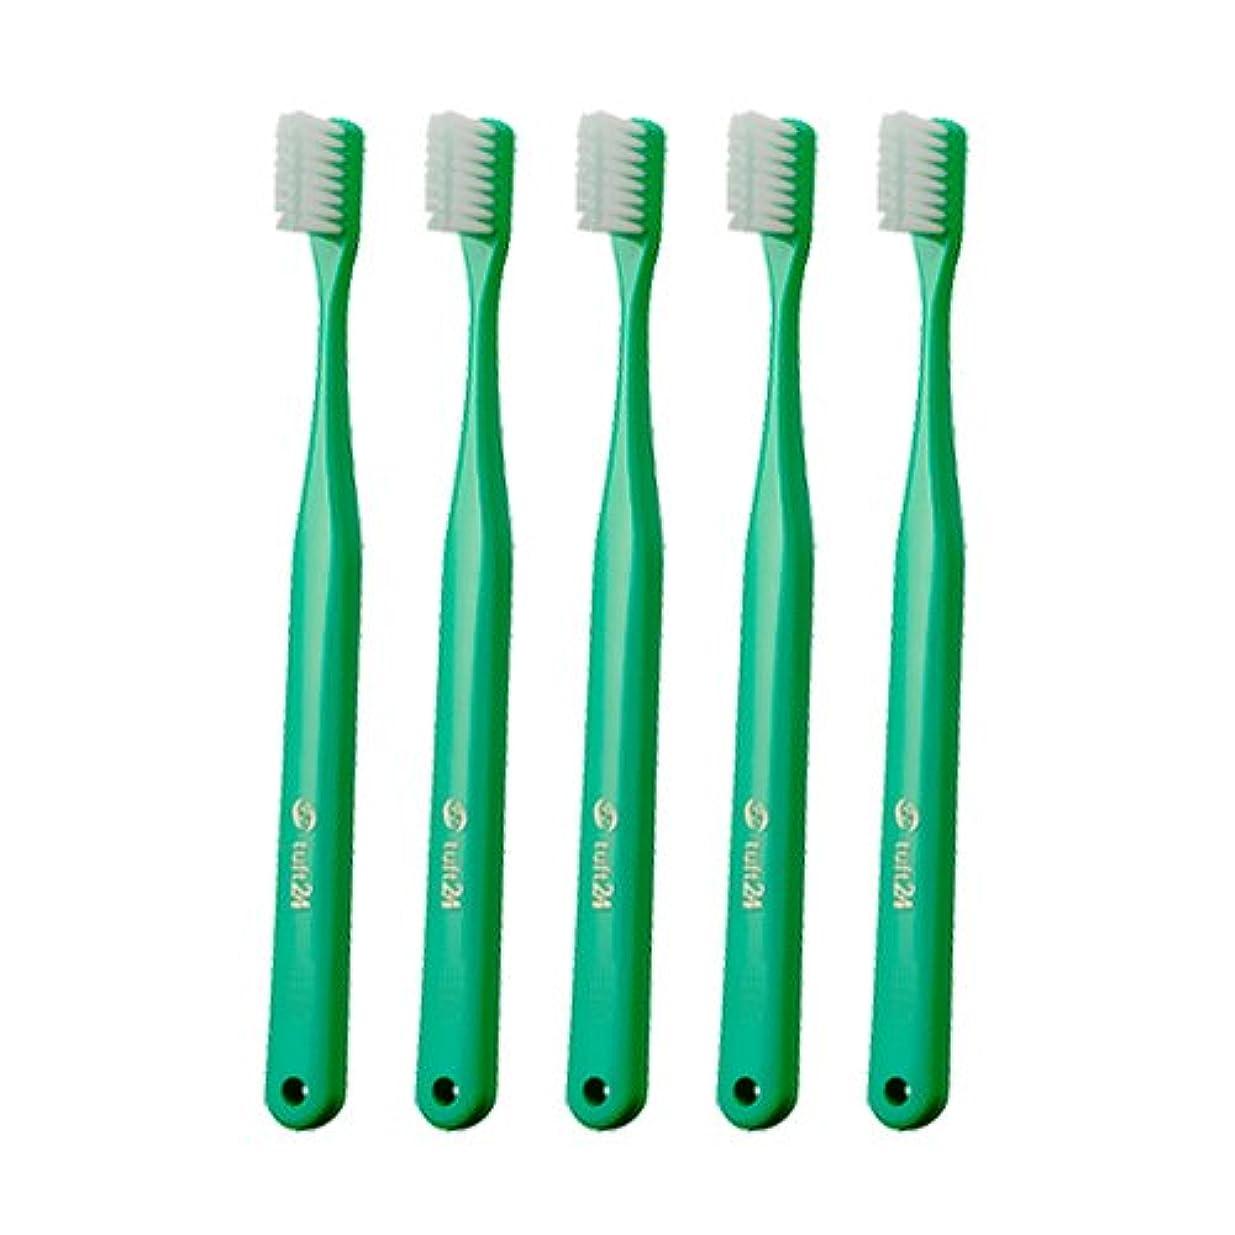 再生可能調整私たちのものキャップなし タフト24 歯ブラシ × 25本入 S グリーン